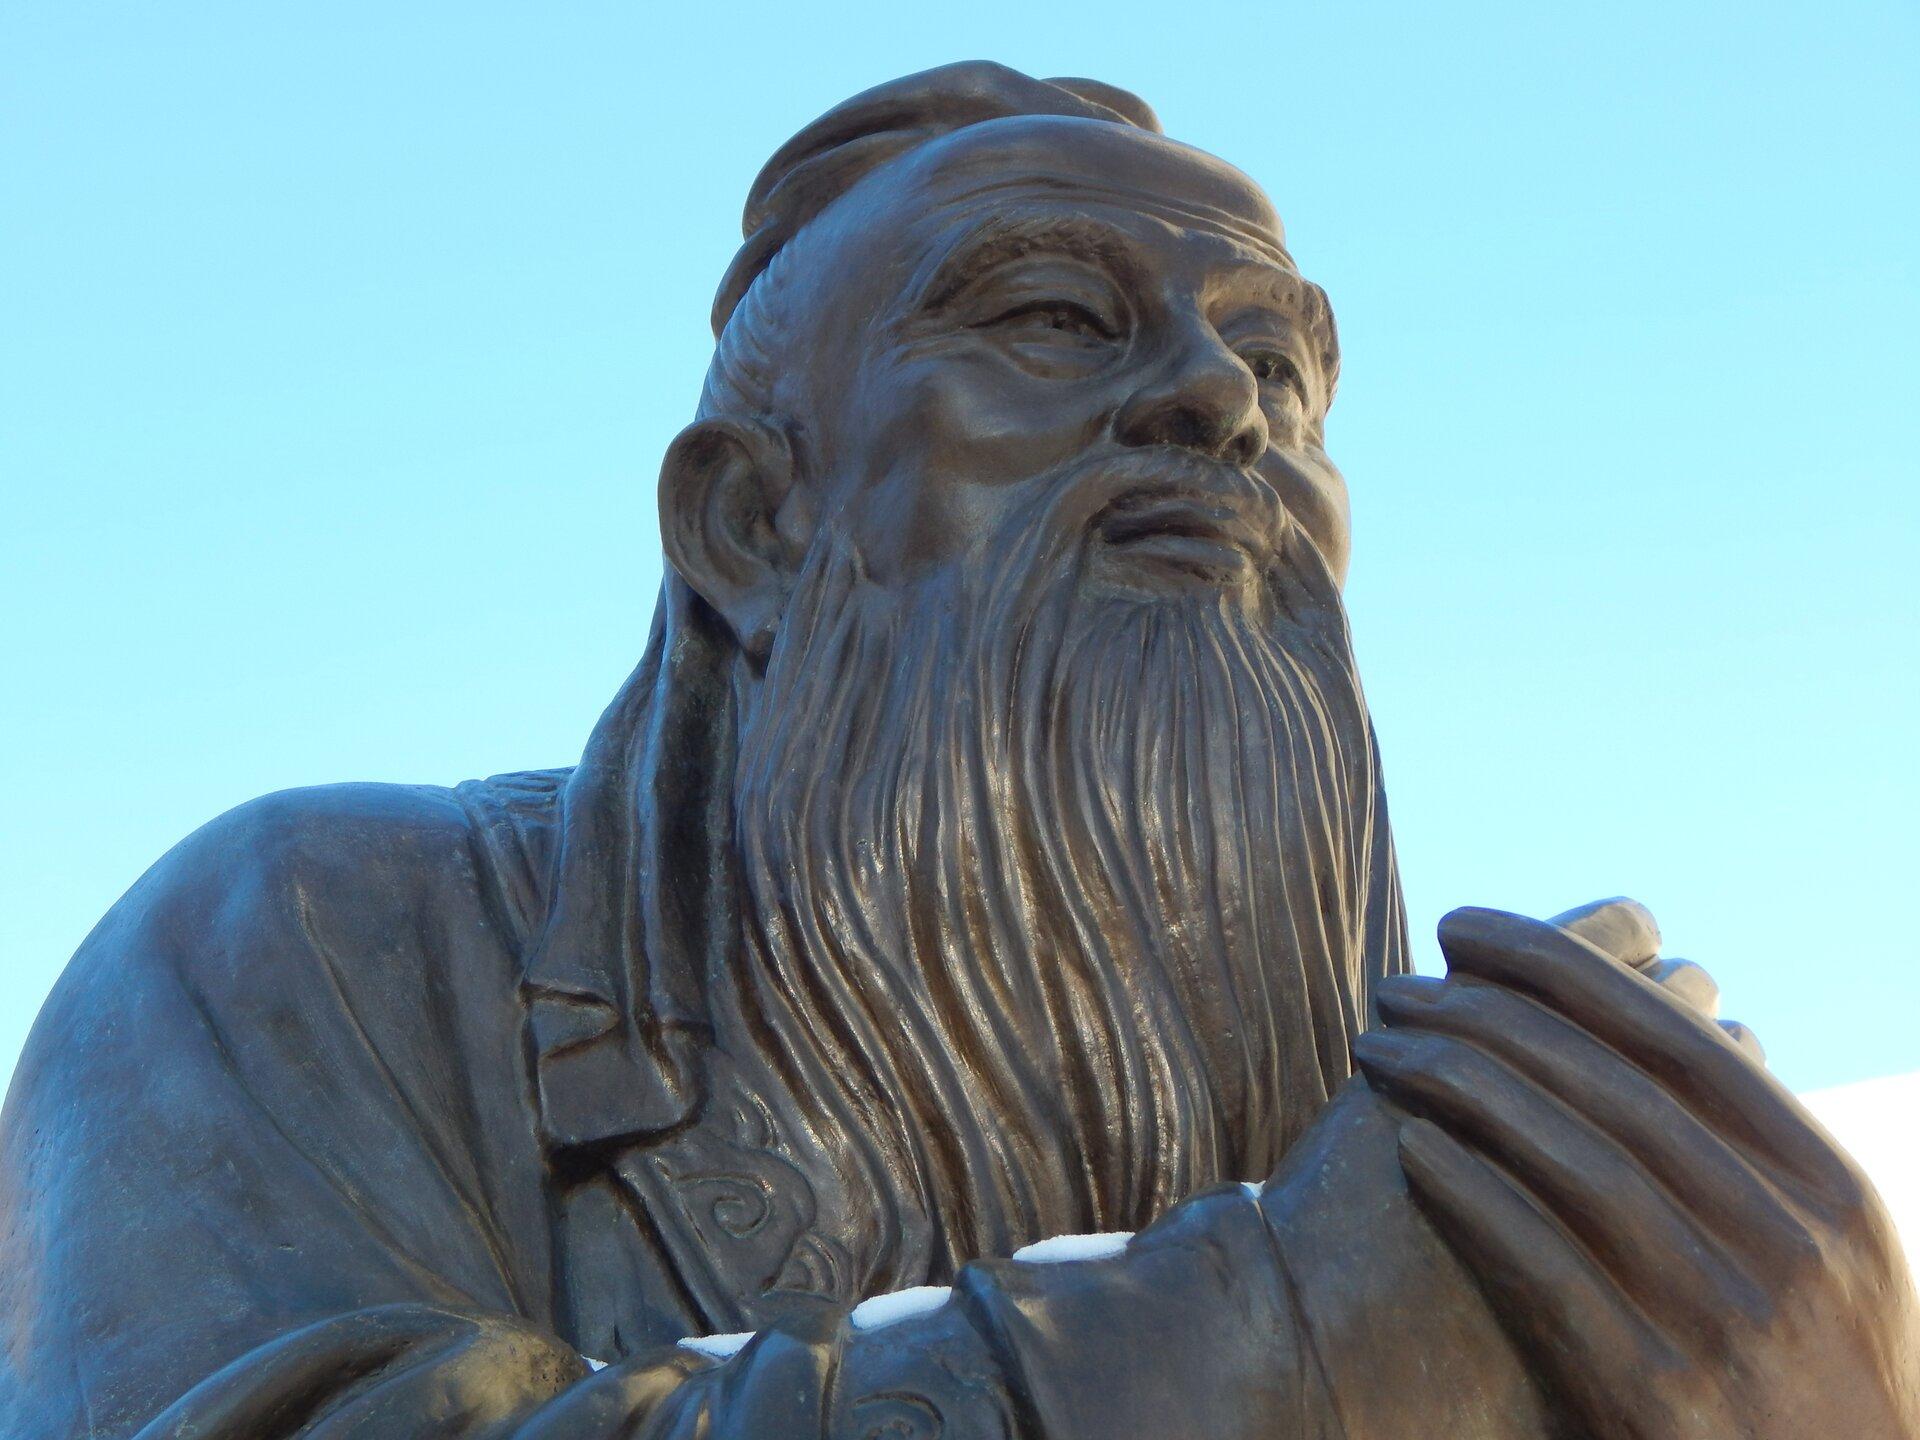 Konfucjusz, pomnik Źródło: pixabay, Konfucjusz, pomnik, licencja: CC 0.